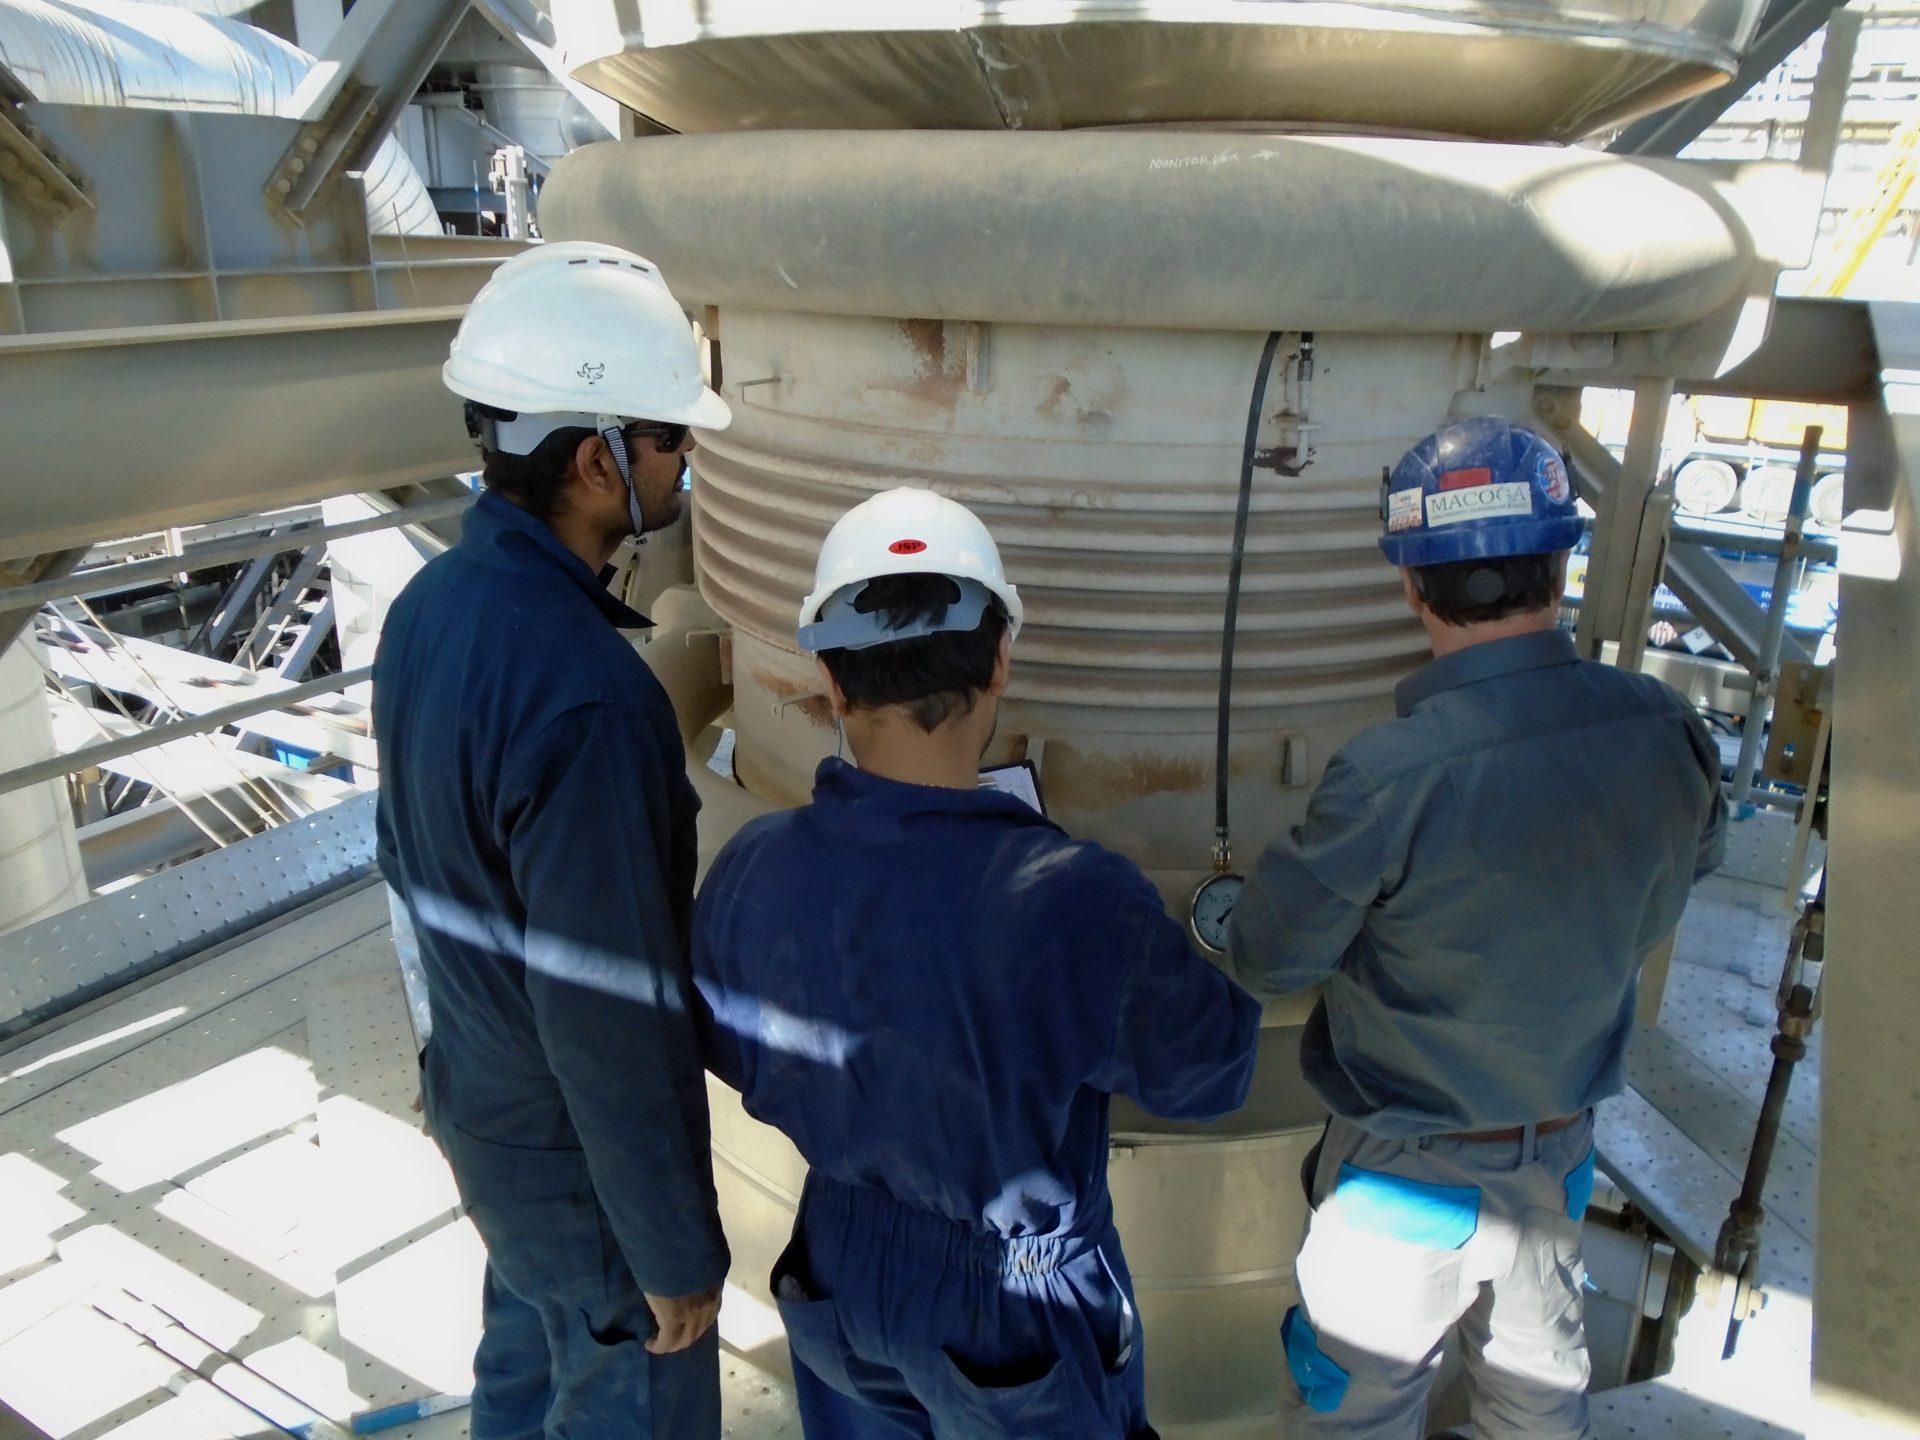 Servicio en planta. Inspección de fuelle monitorizable de dos láminas en Medio Oriente